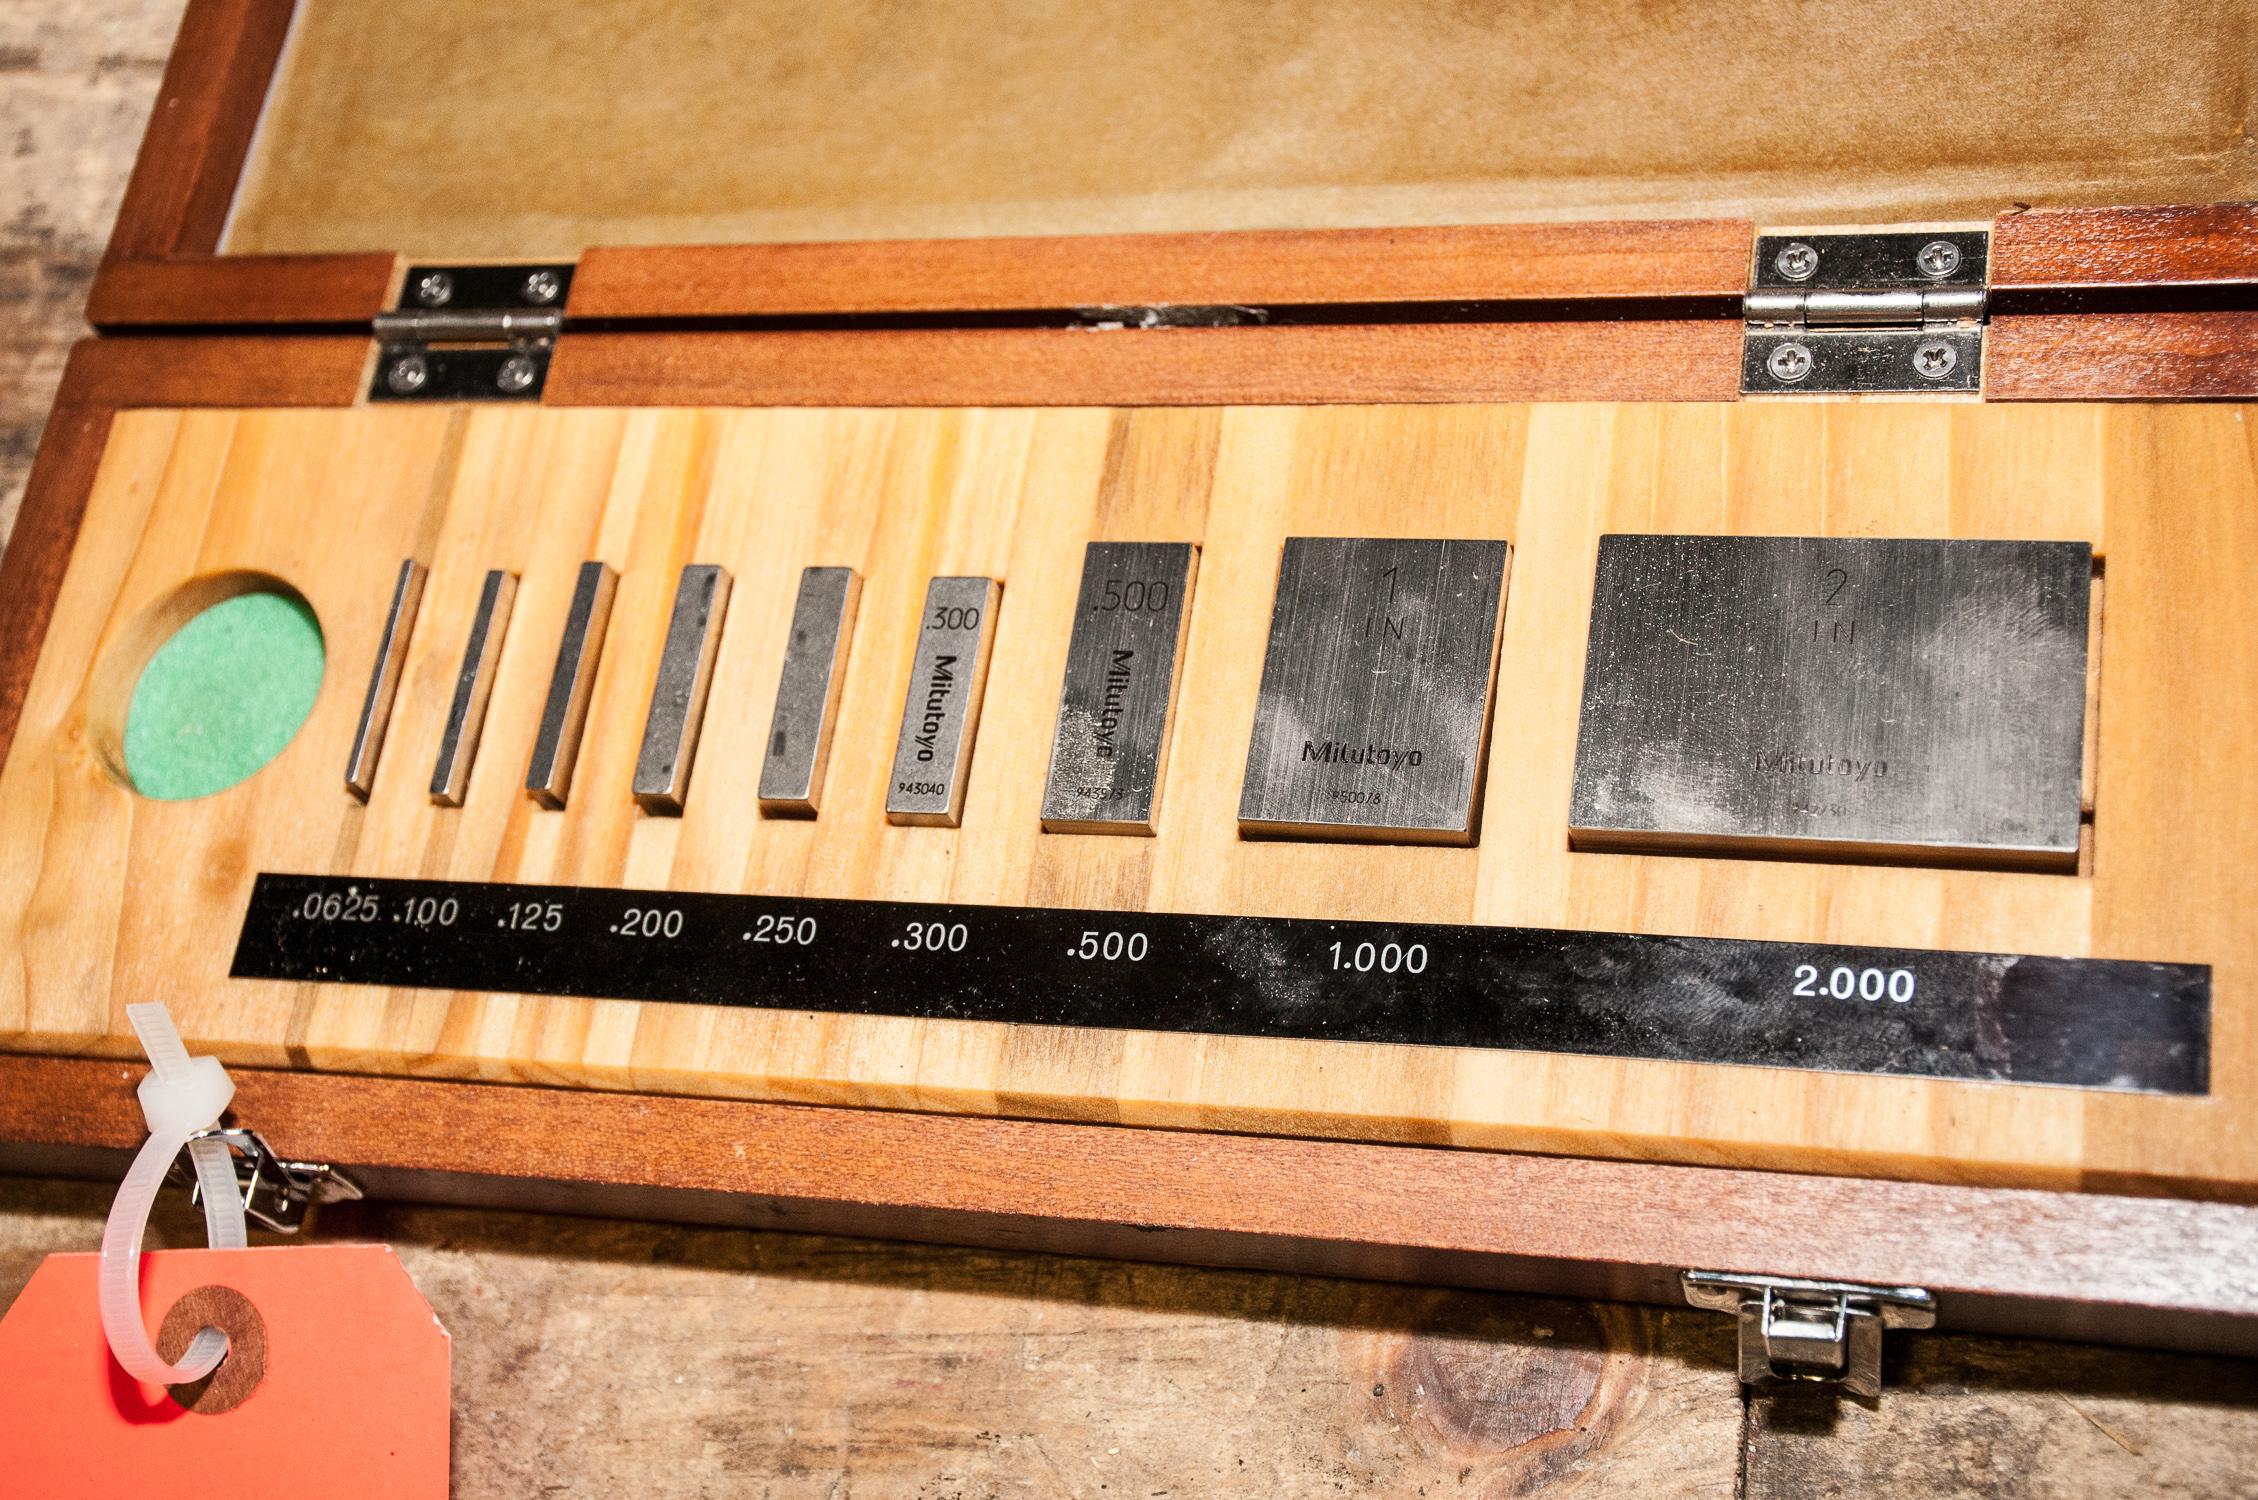 Mitutoyo Guage Block Set 516-935, Grade 3, s/n 951072 - Image 2 of 2